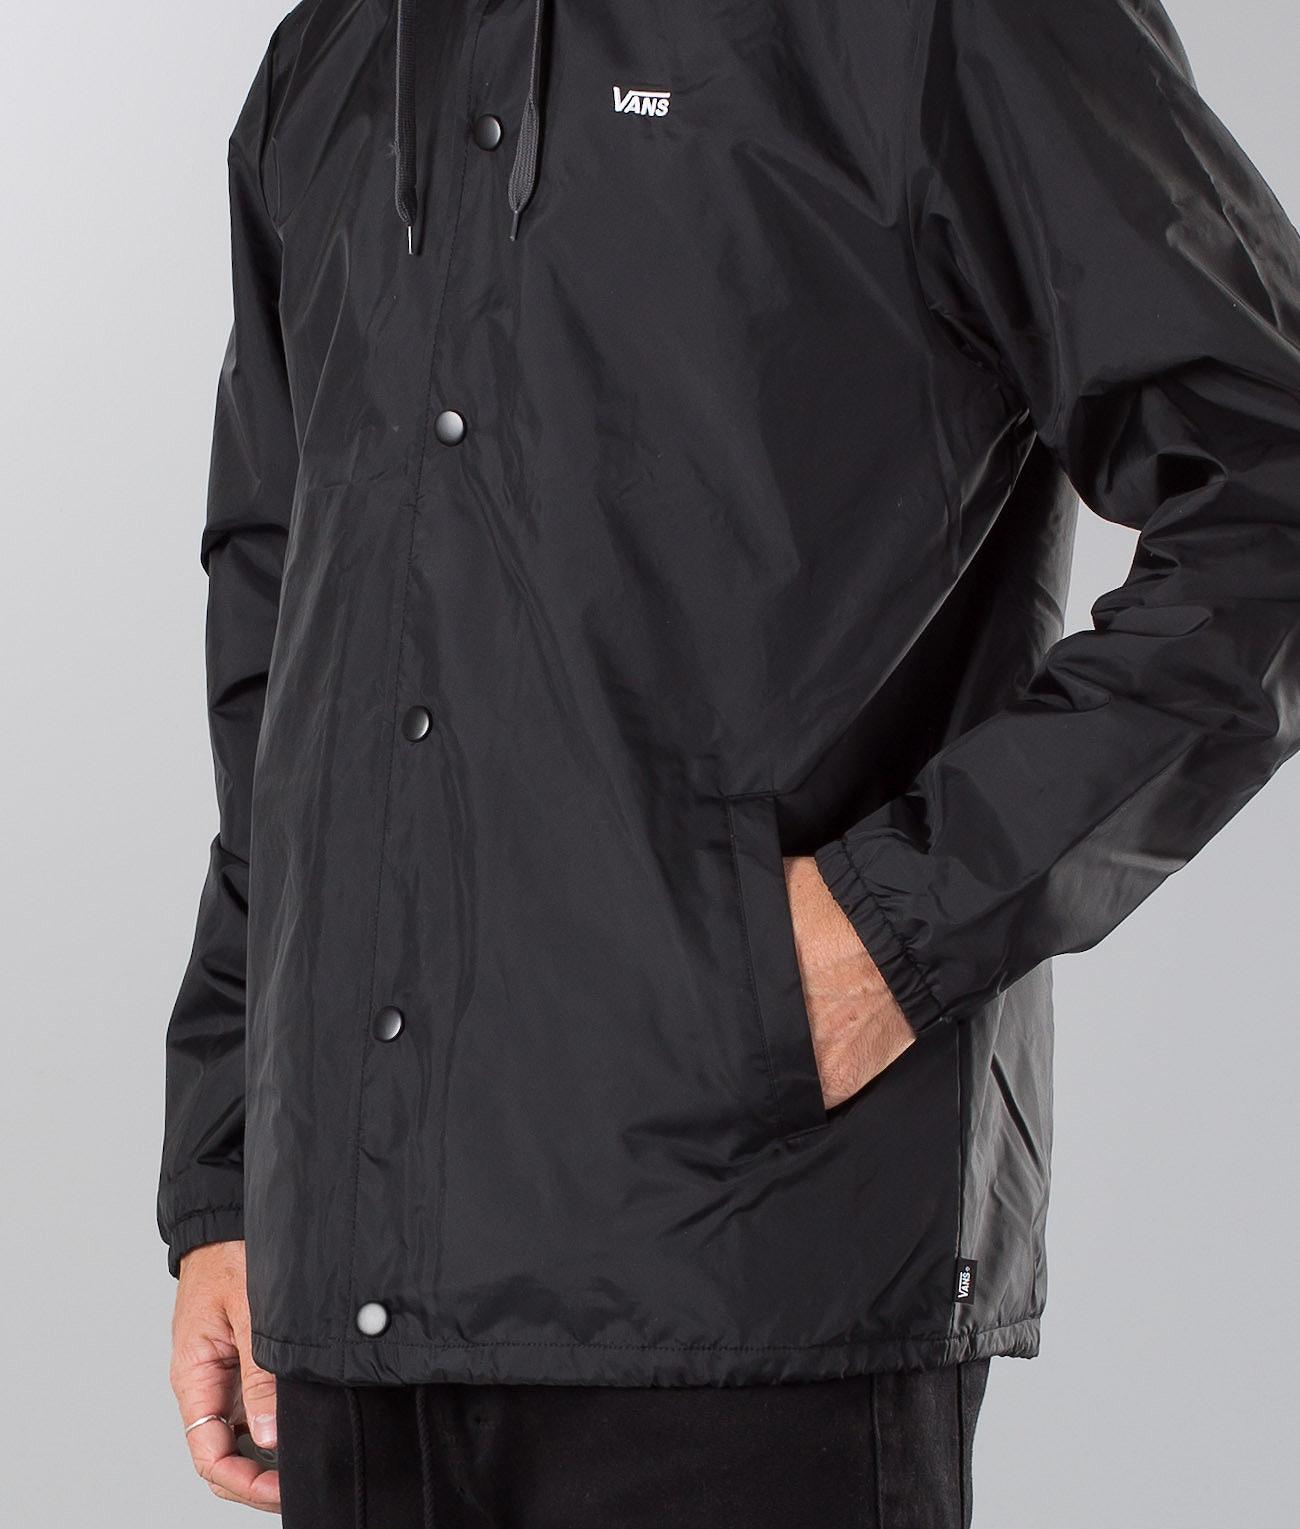 faab4345073f39 Vans Riley Jacket Black - Ridestore.com